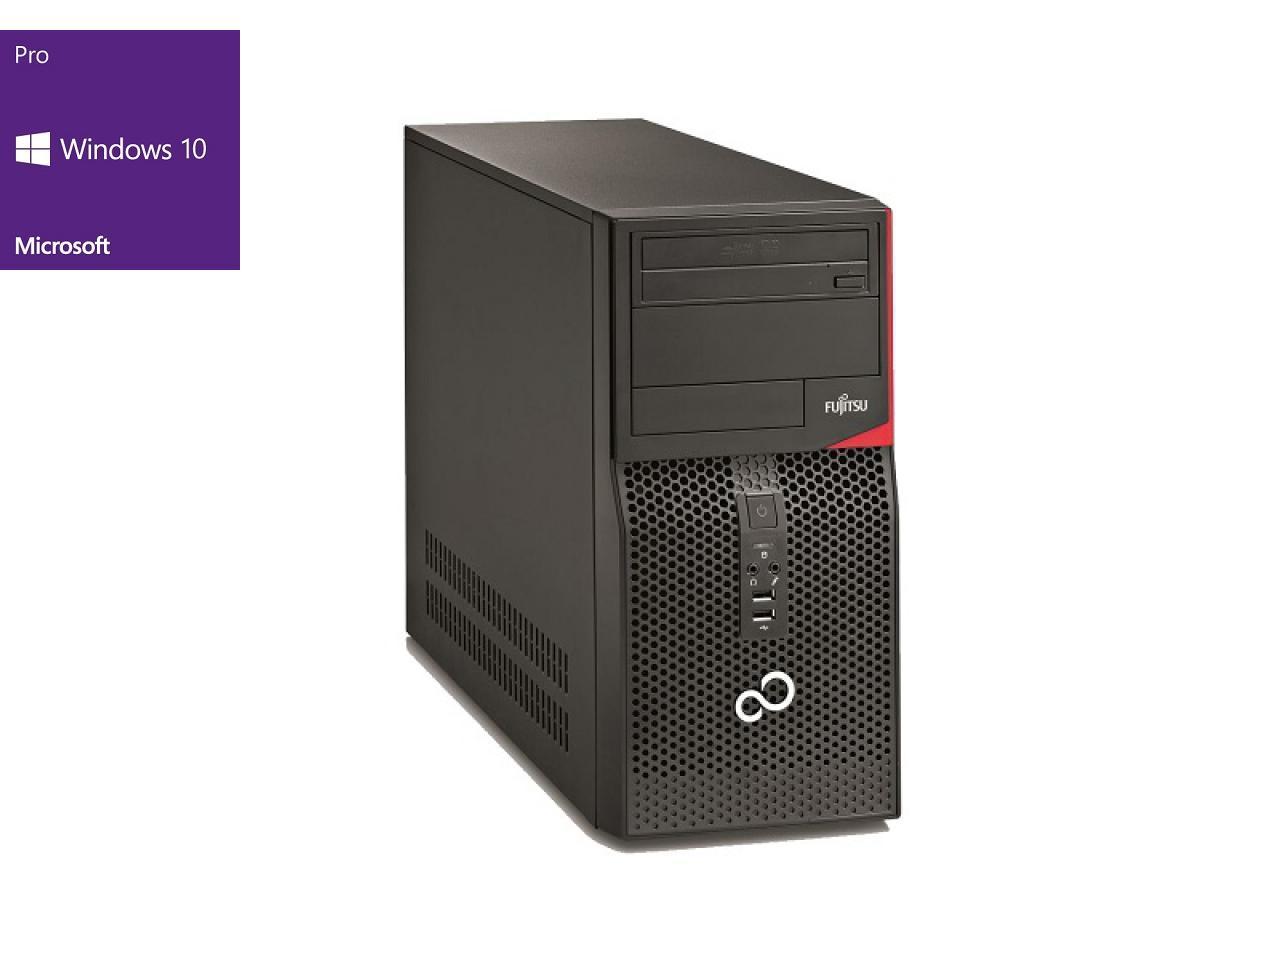 Fujitsu Esprimo P556 E85 MT  - shop.bb-net.de